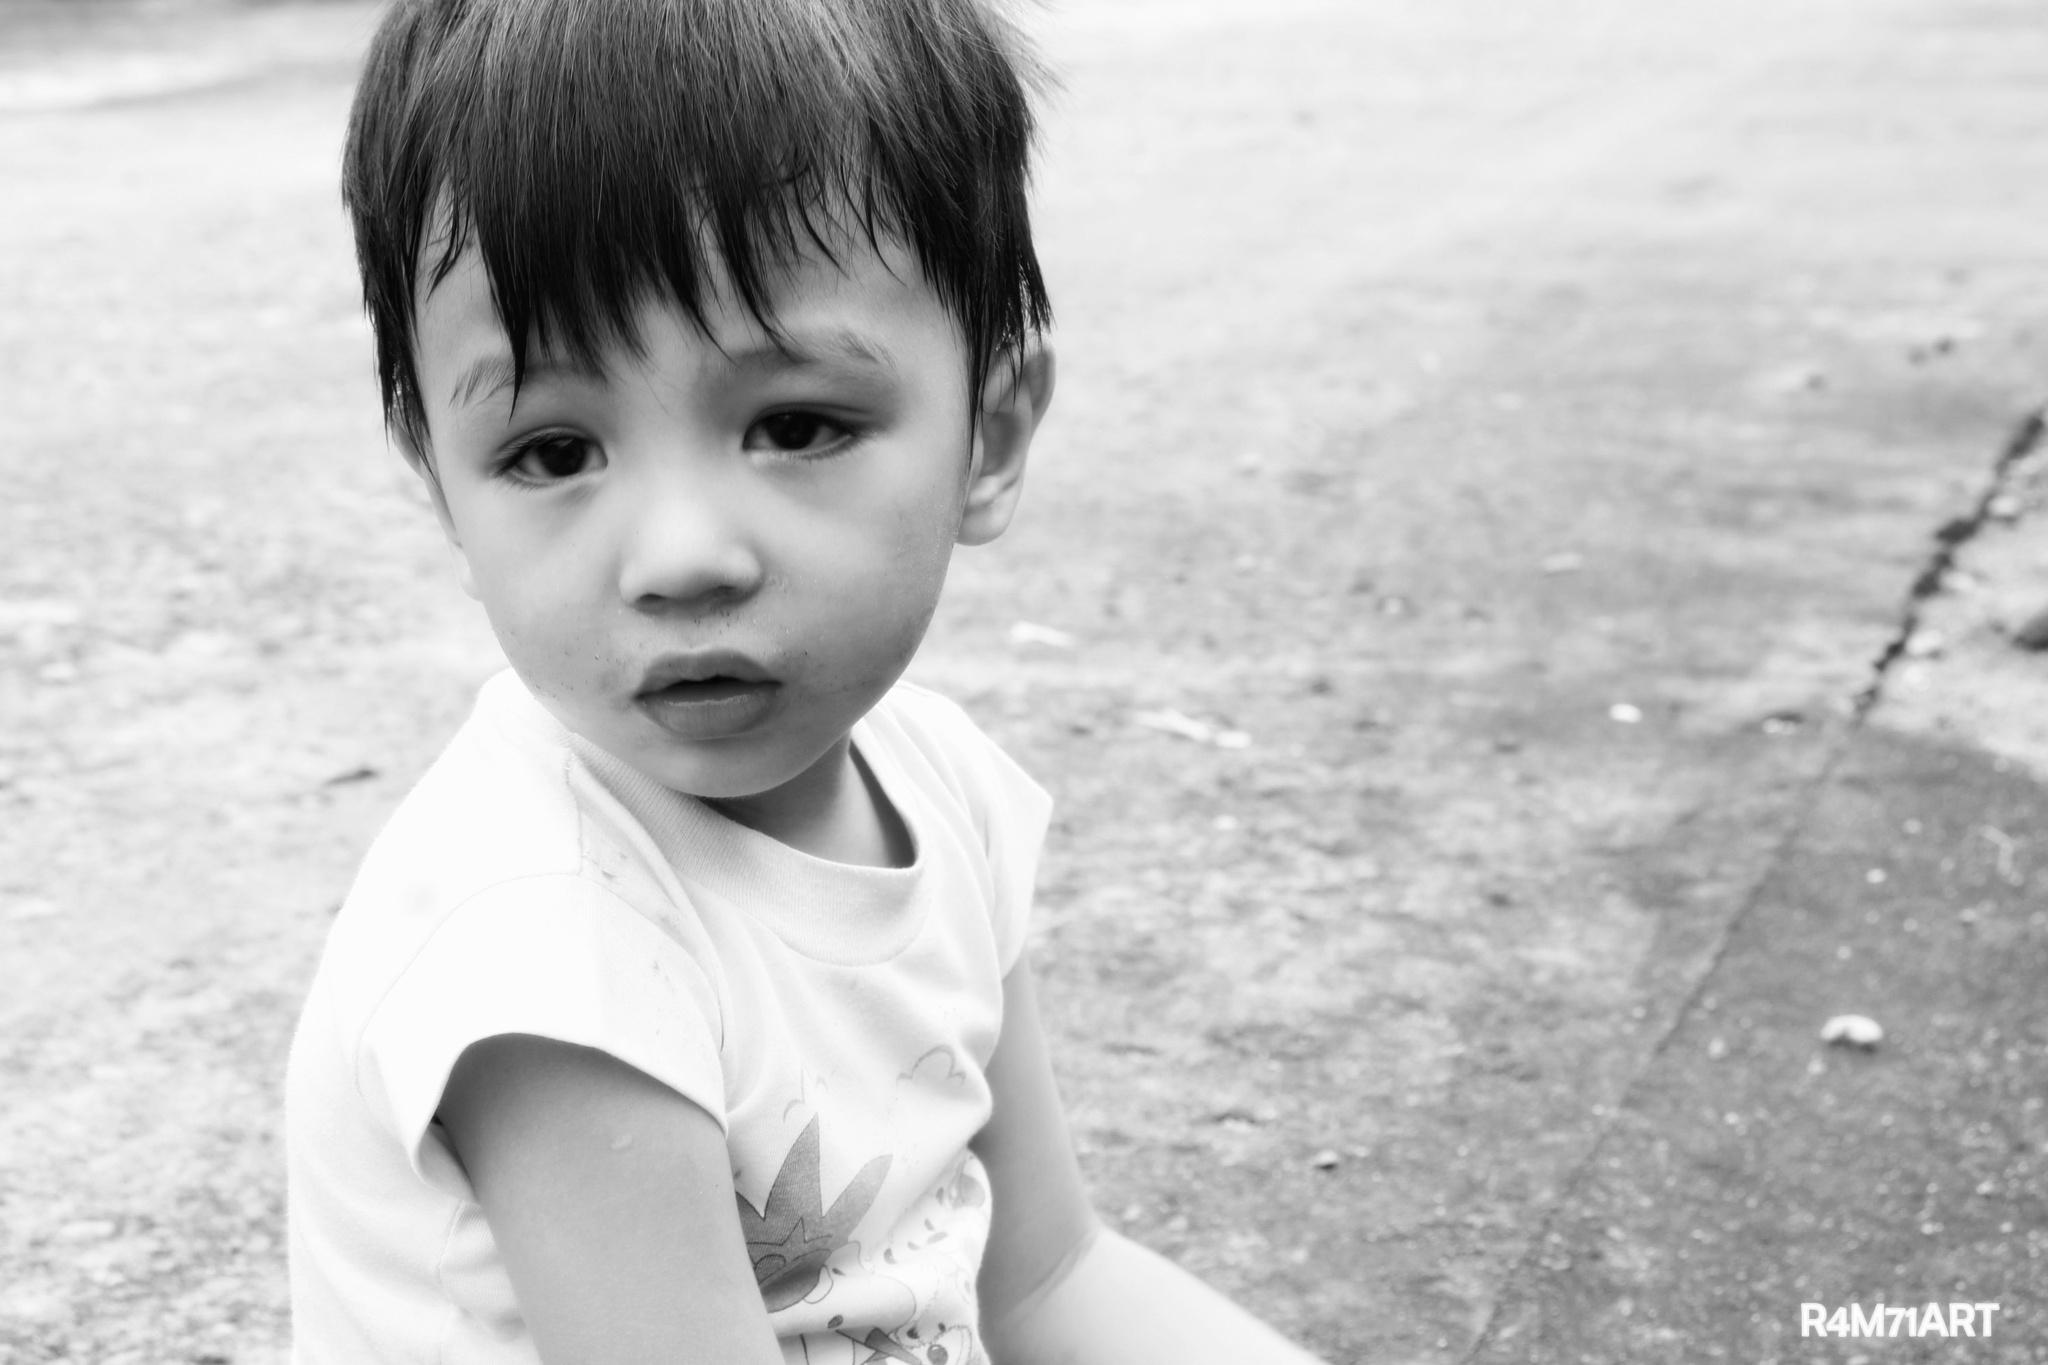 Sadness baby by maram ikawa